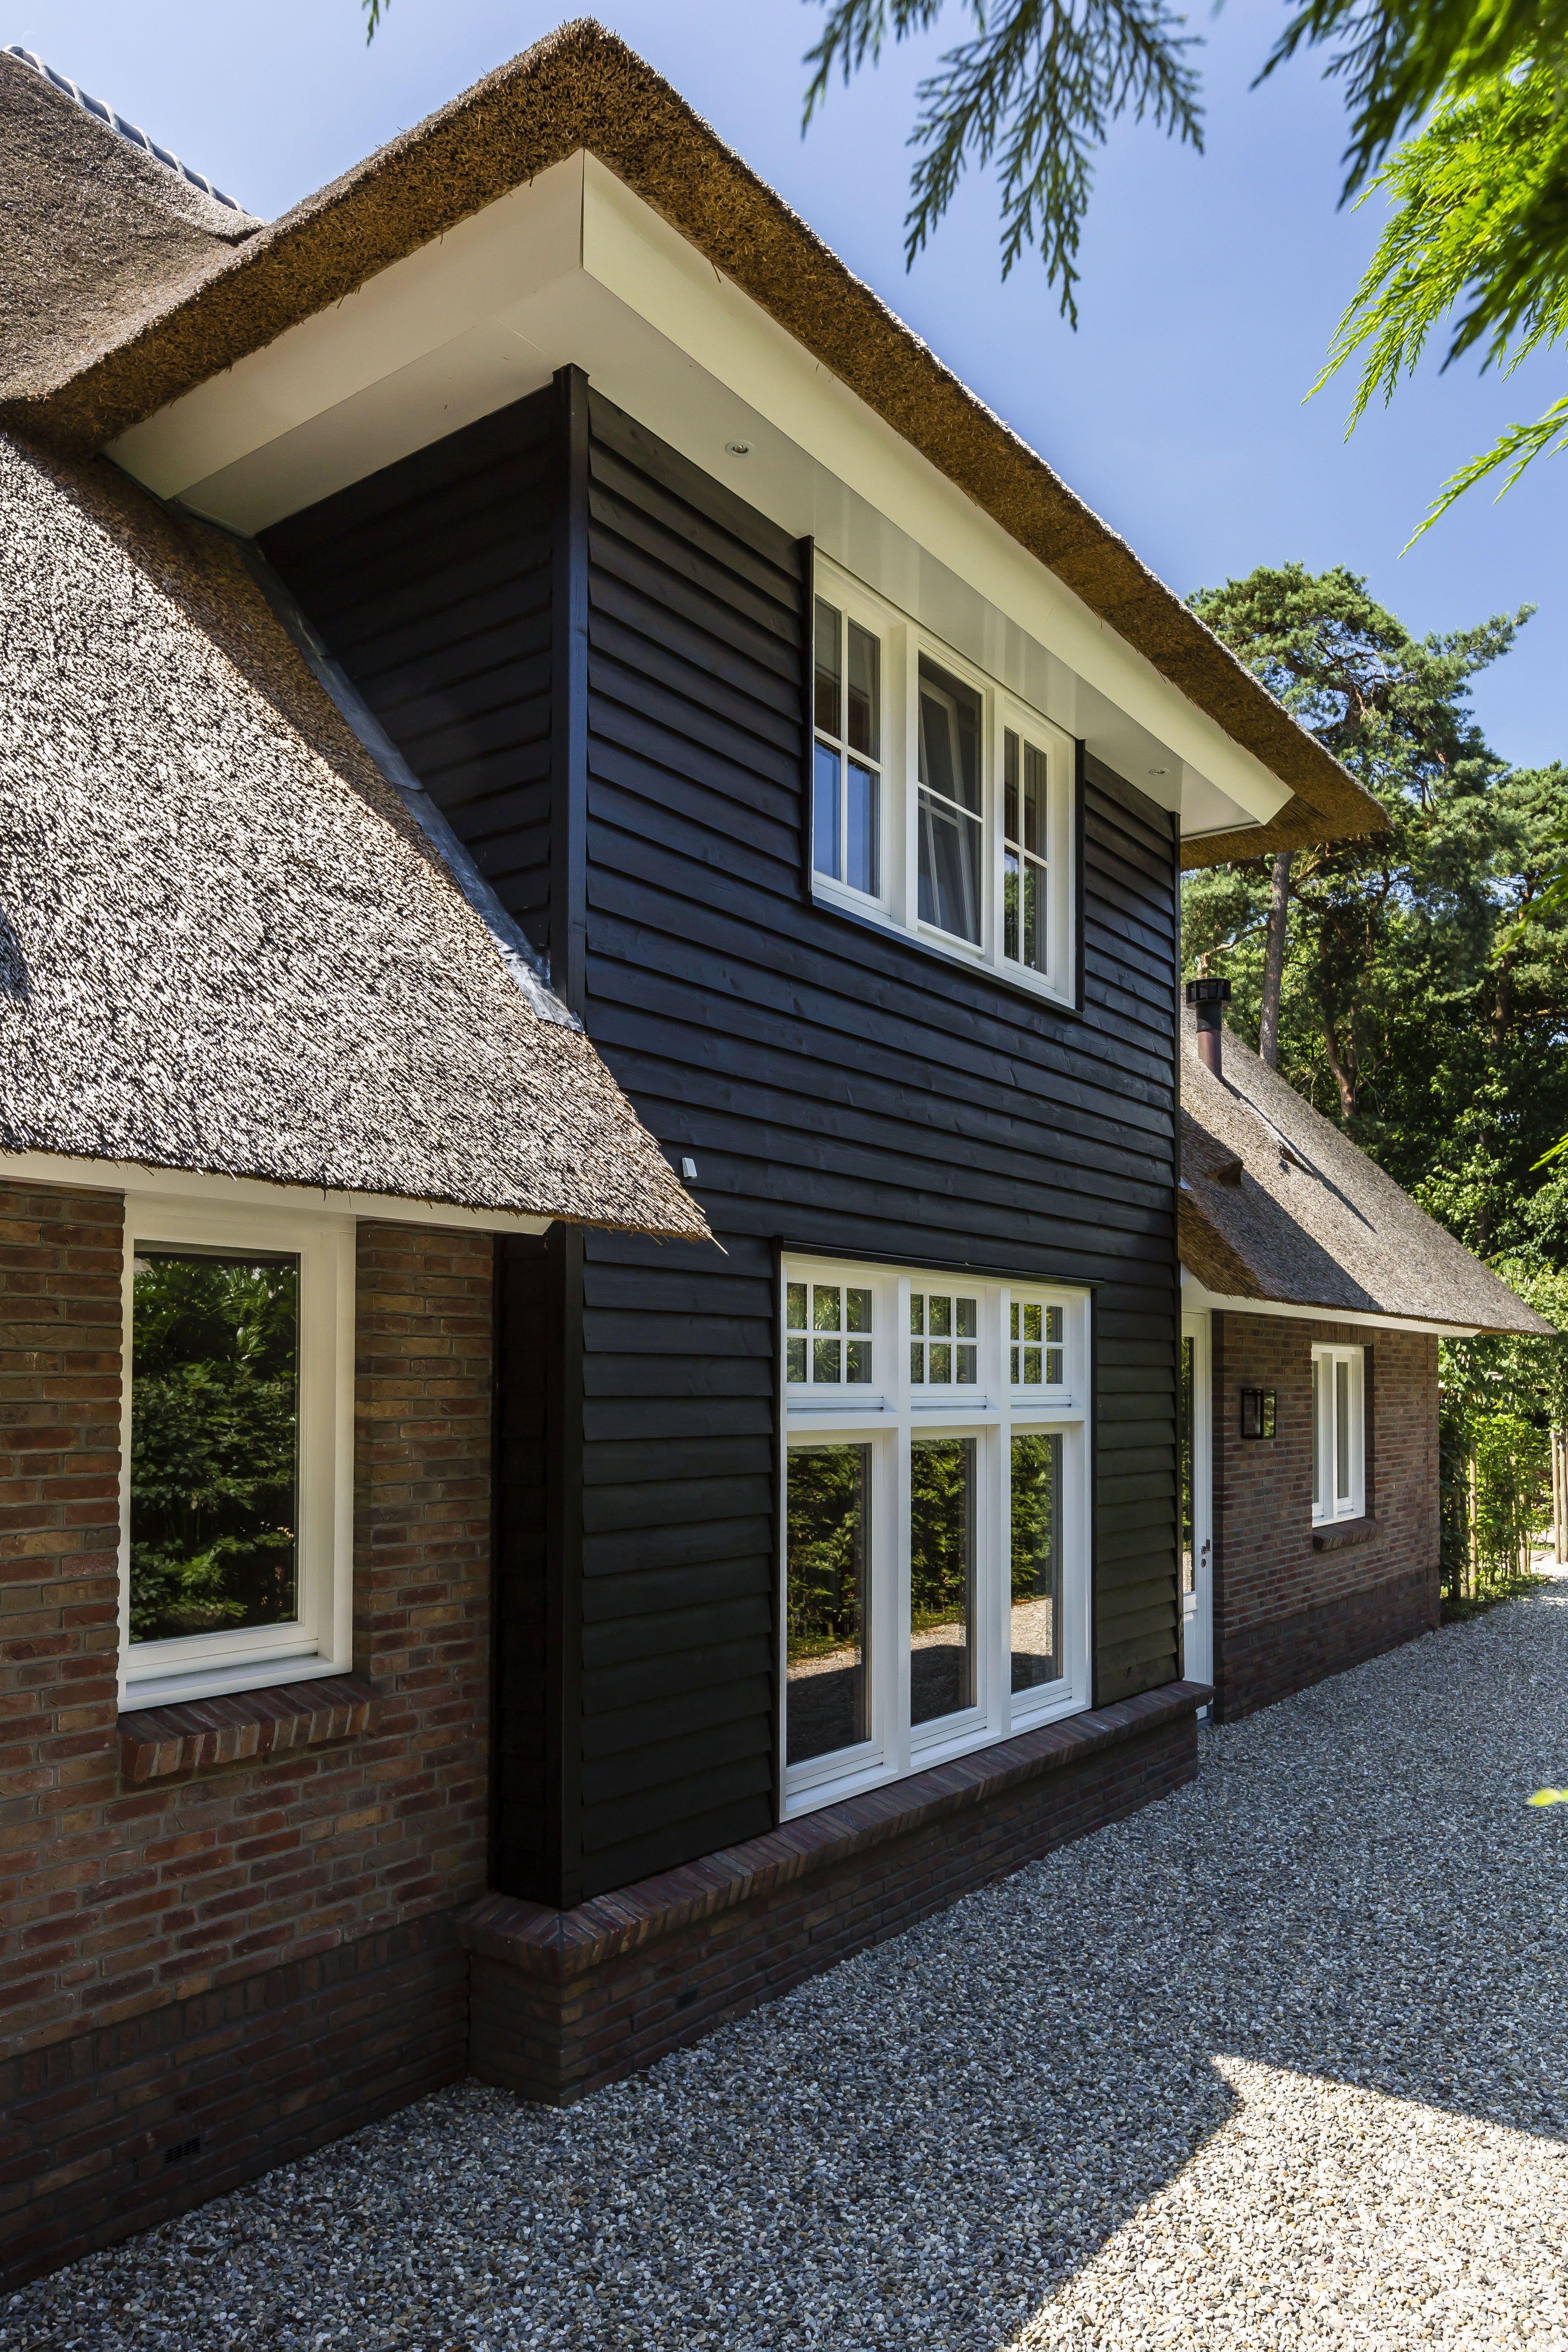 Villa met uitbouw van douglas hout dreamhouses porches for Dreamhouses com